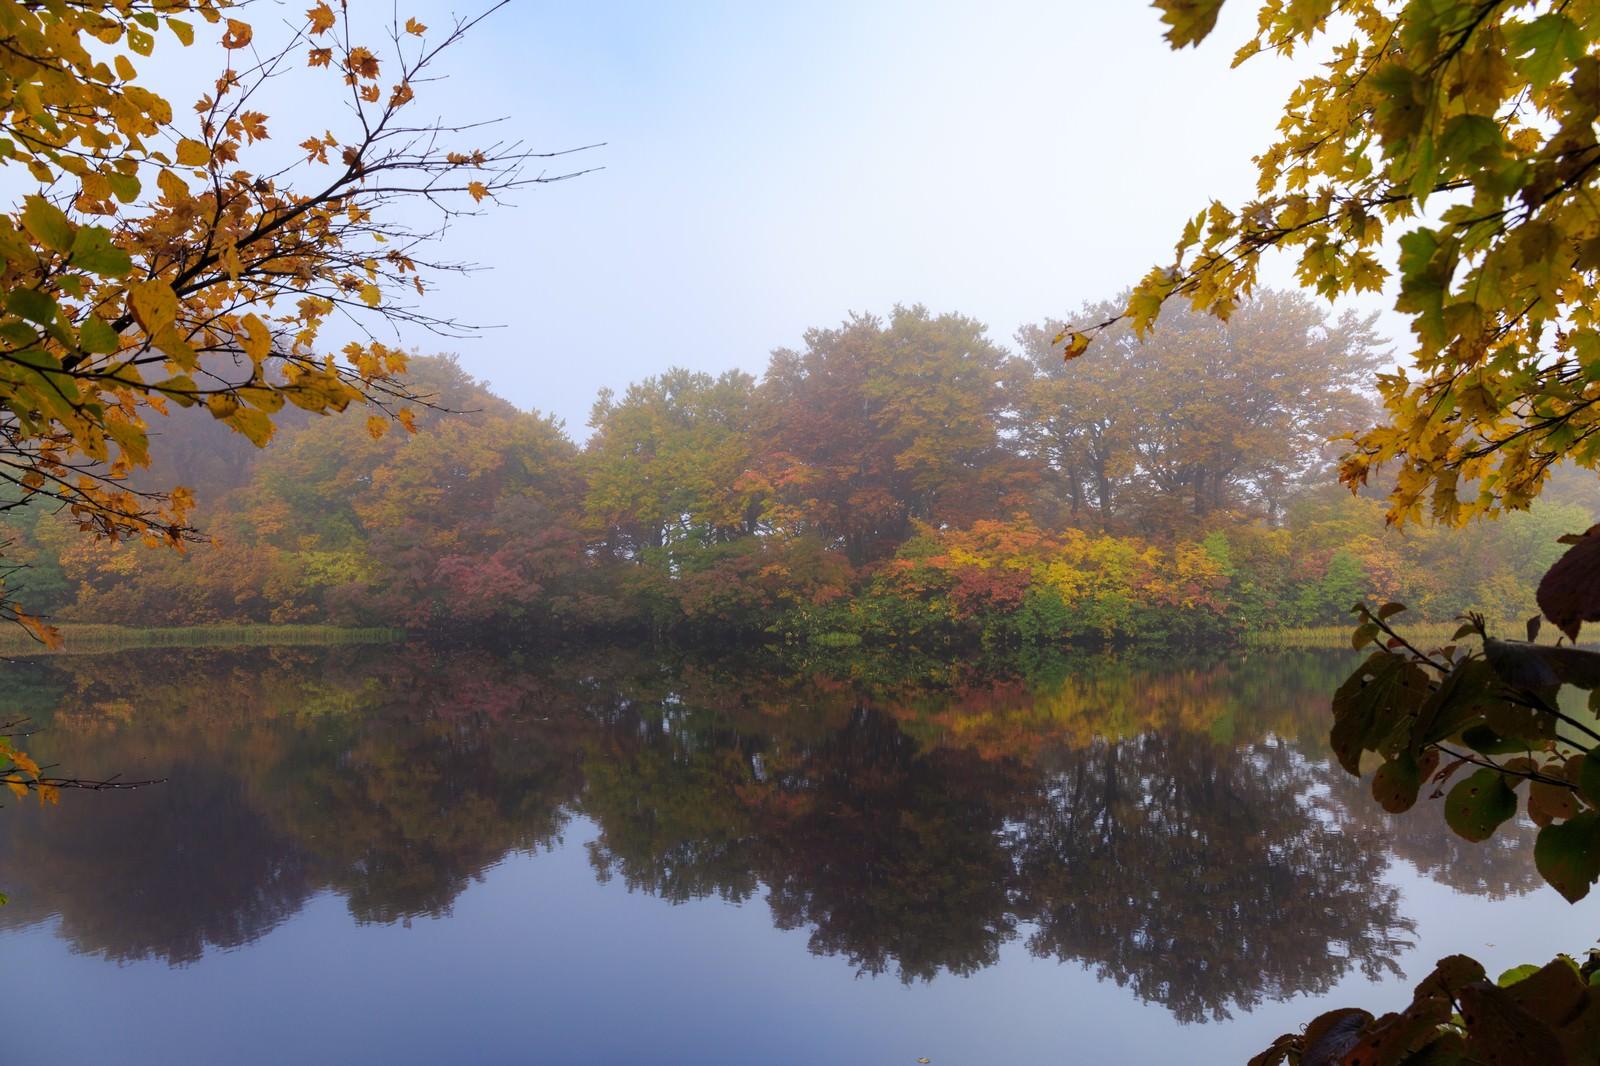 「色づく善神沼の紅葉色づく善神沼の紅葉」のフリー写真素材を拡大